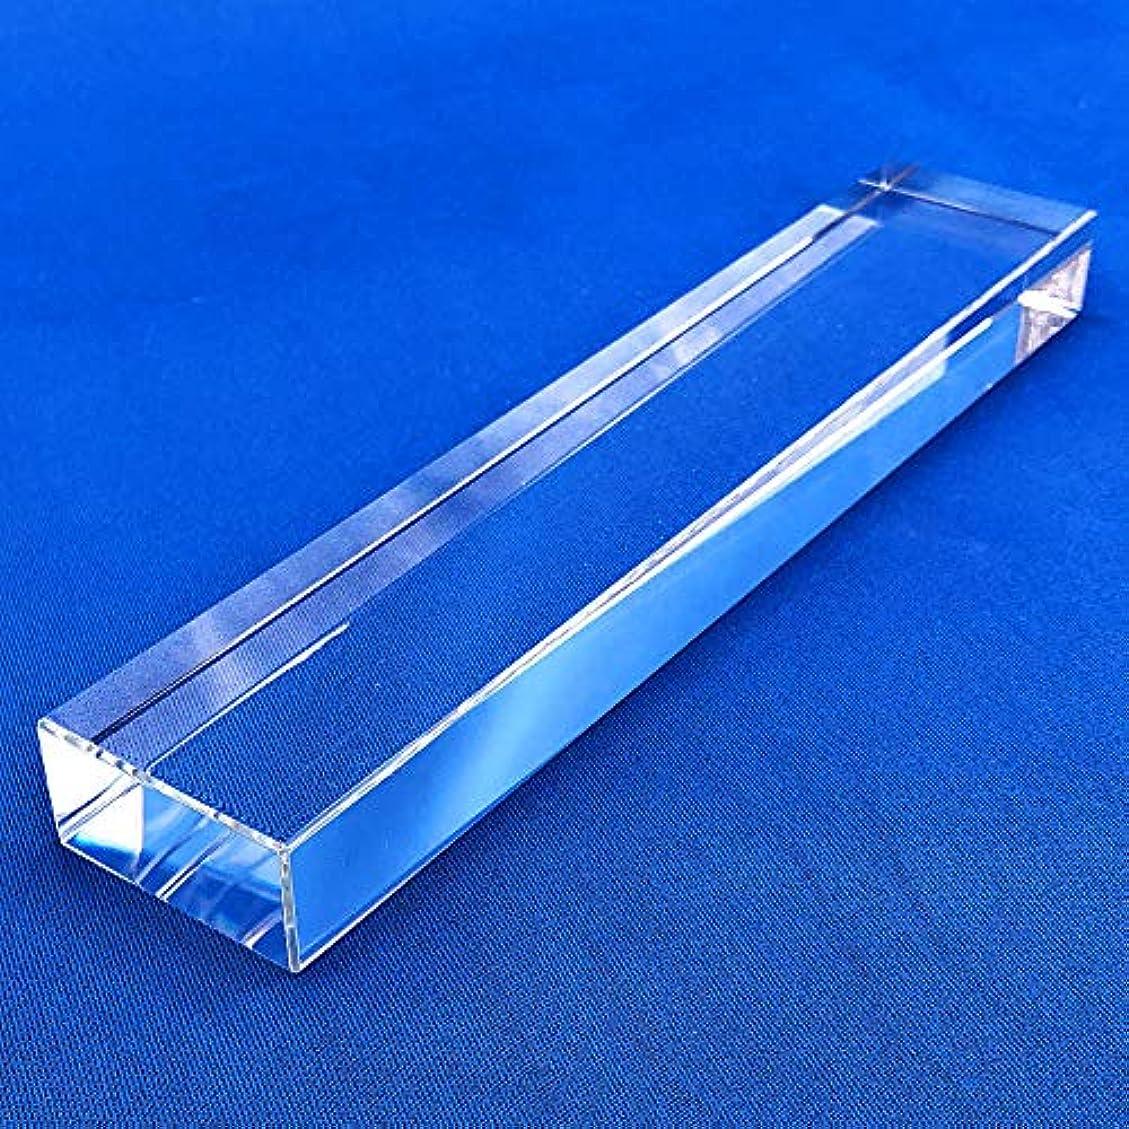 適応するあごひげクラッシュ(なないろ館)クリスタル 文鎮 ペーパーウェイト 面取り処理済み 角型 (4×2×21cm 約420g)